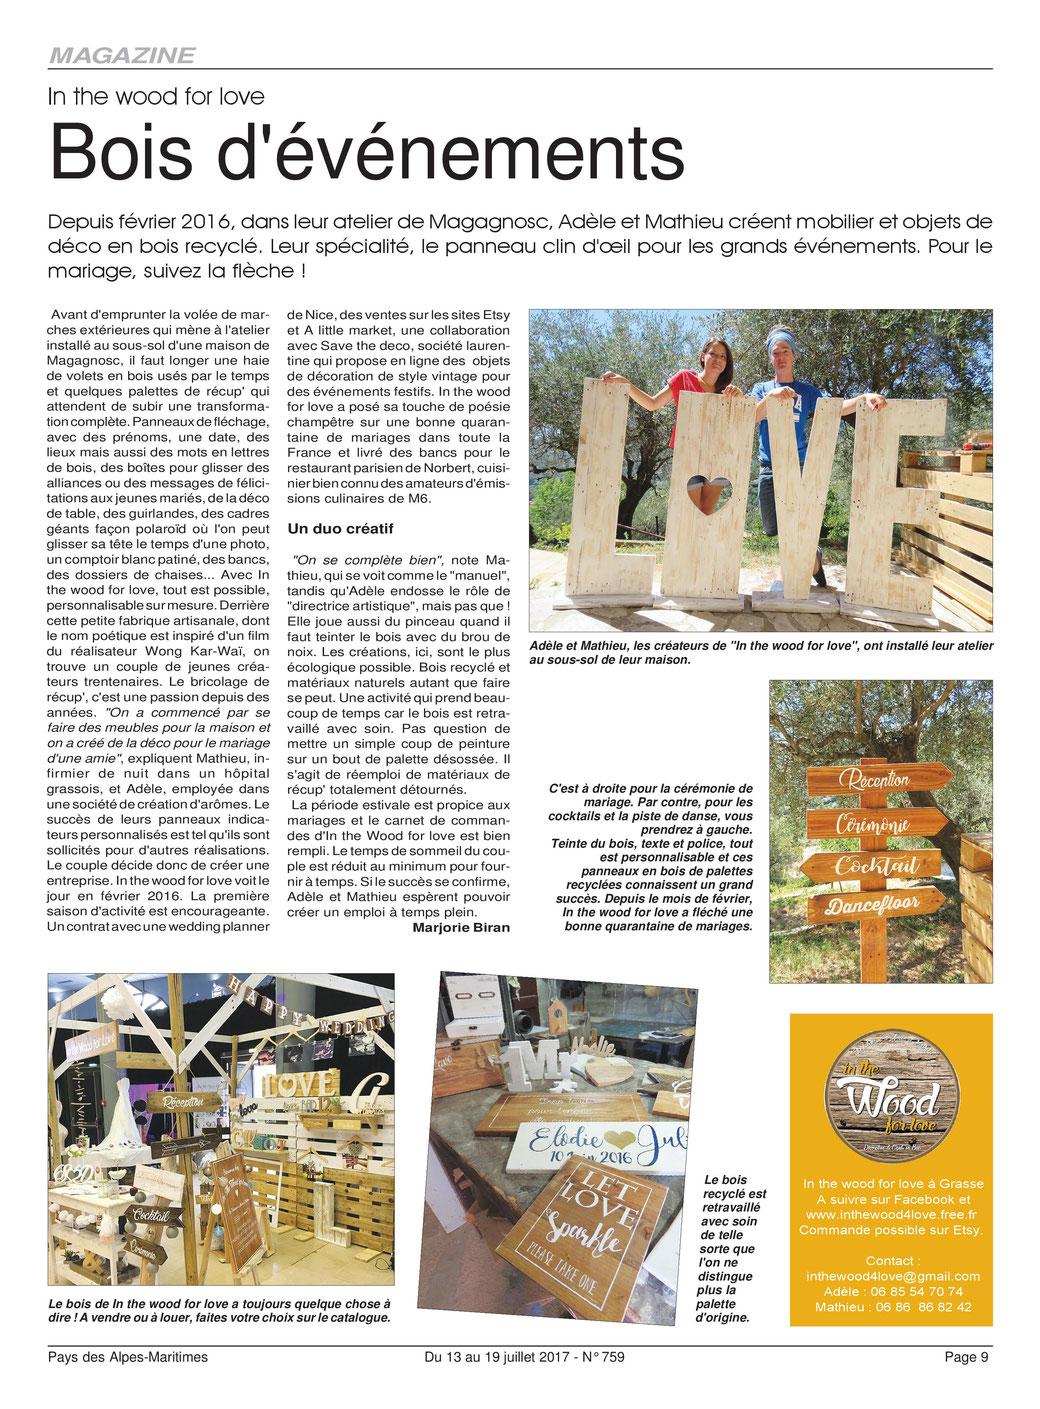 Article paru cet été dans l'hebdo des Alpes-Maritimes